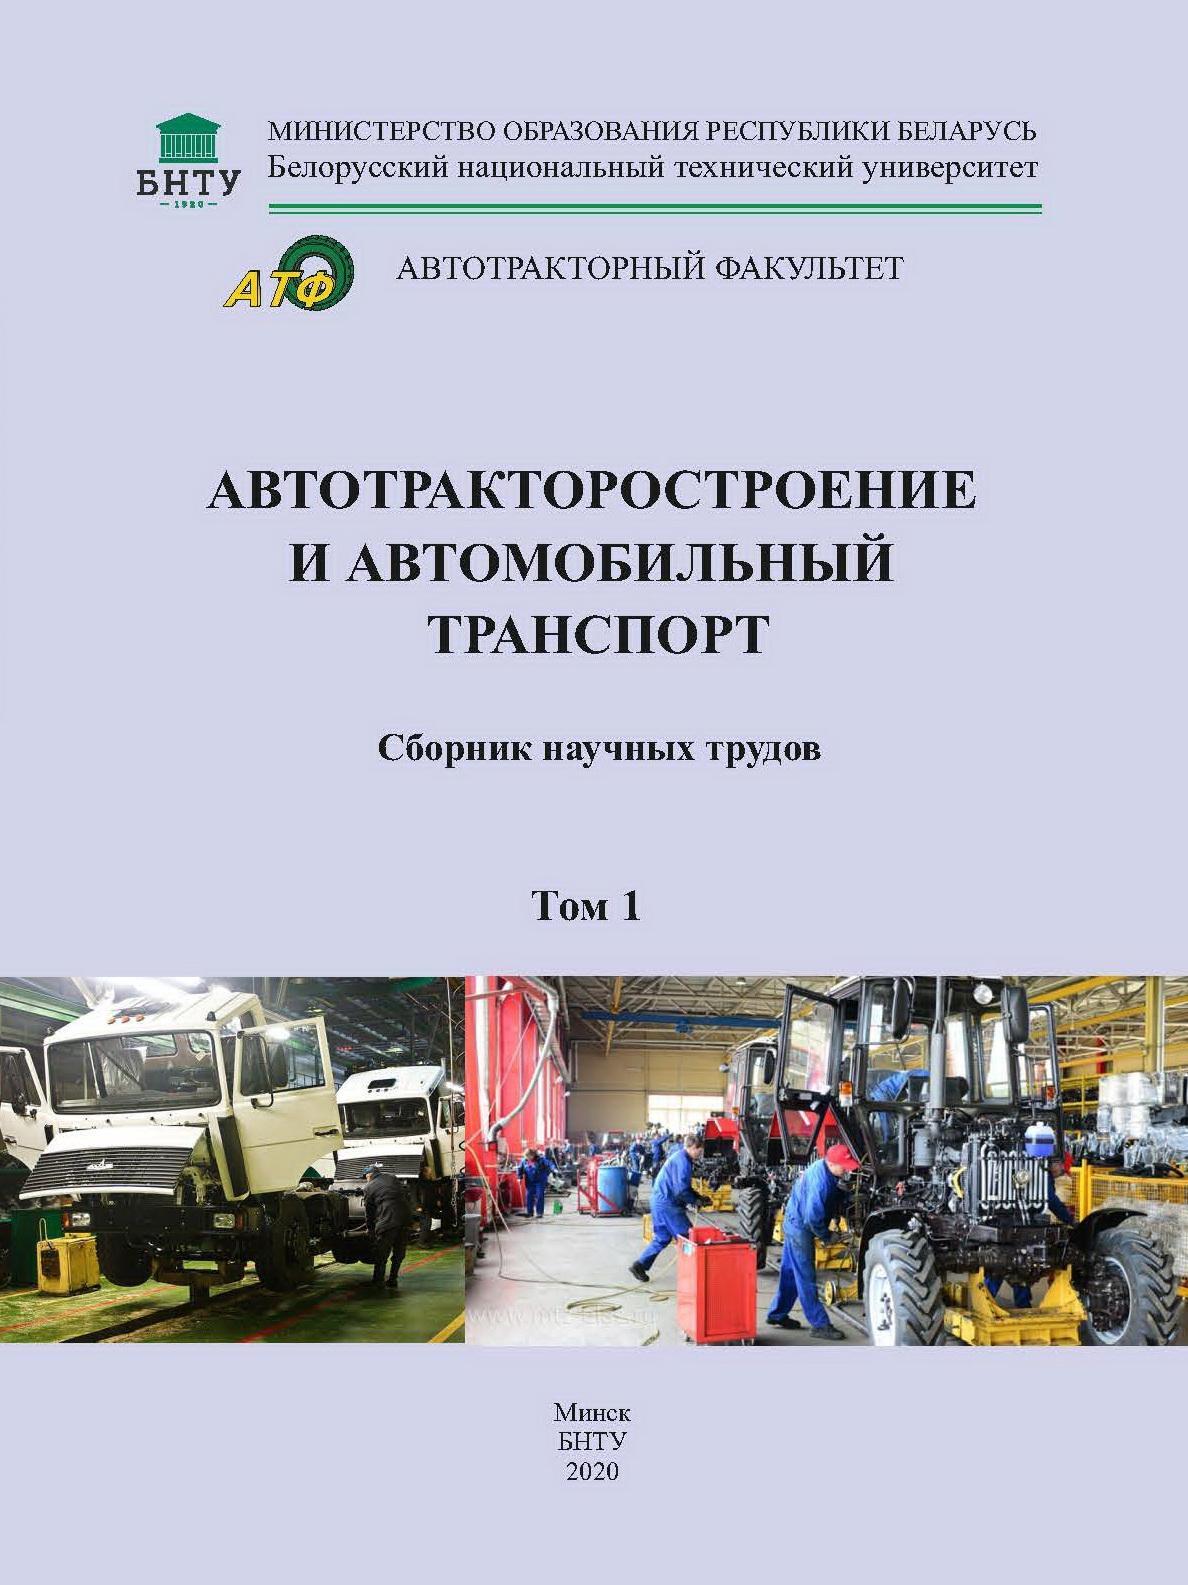 Сборник научных трудов  «Автотракторостроение и автомобильный транспорт»